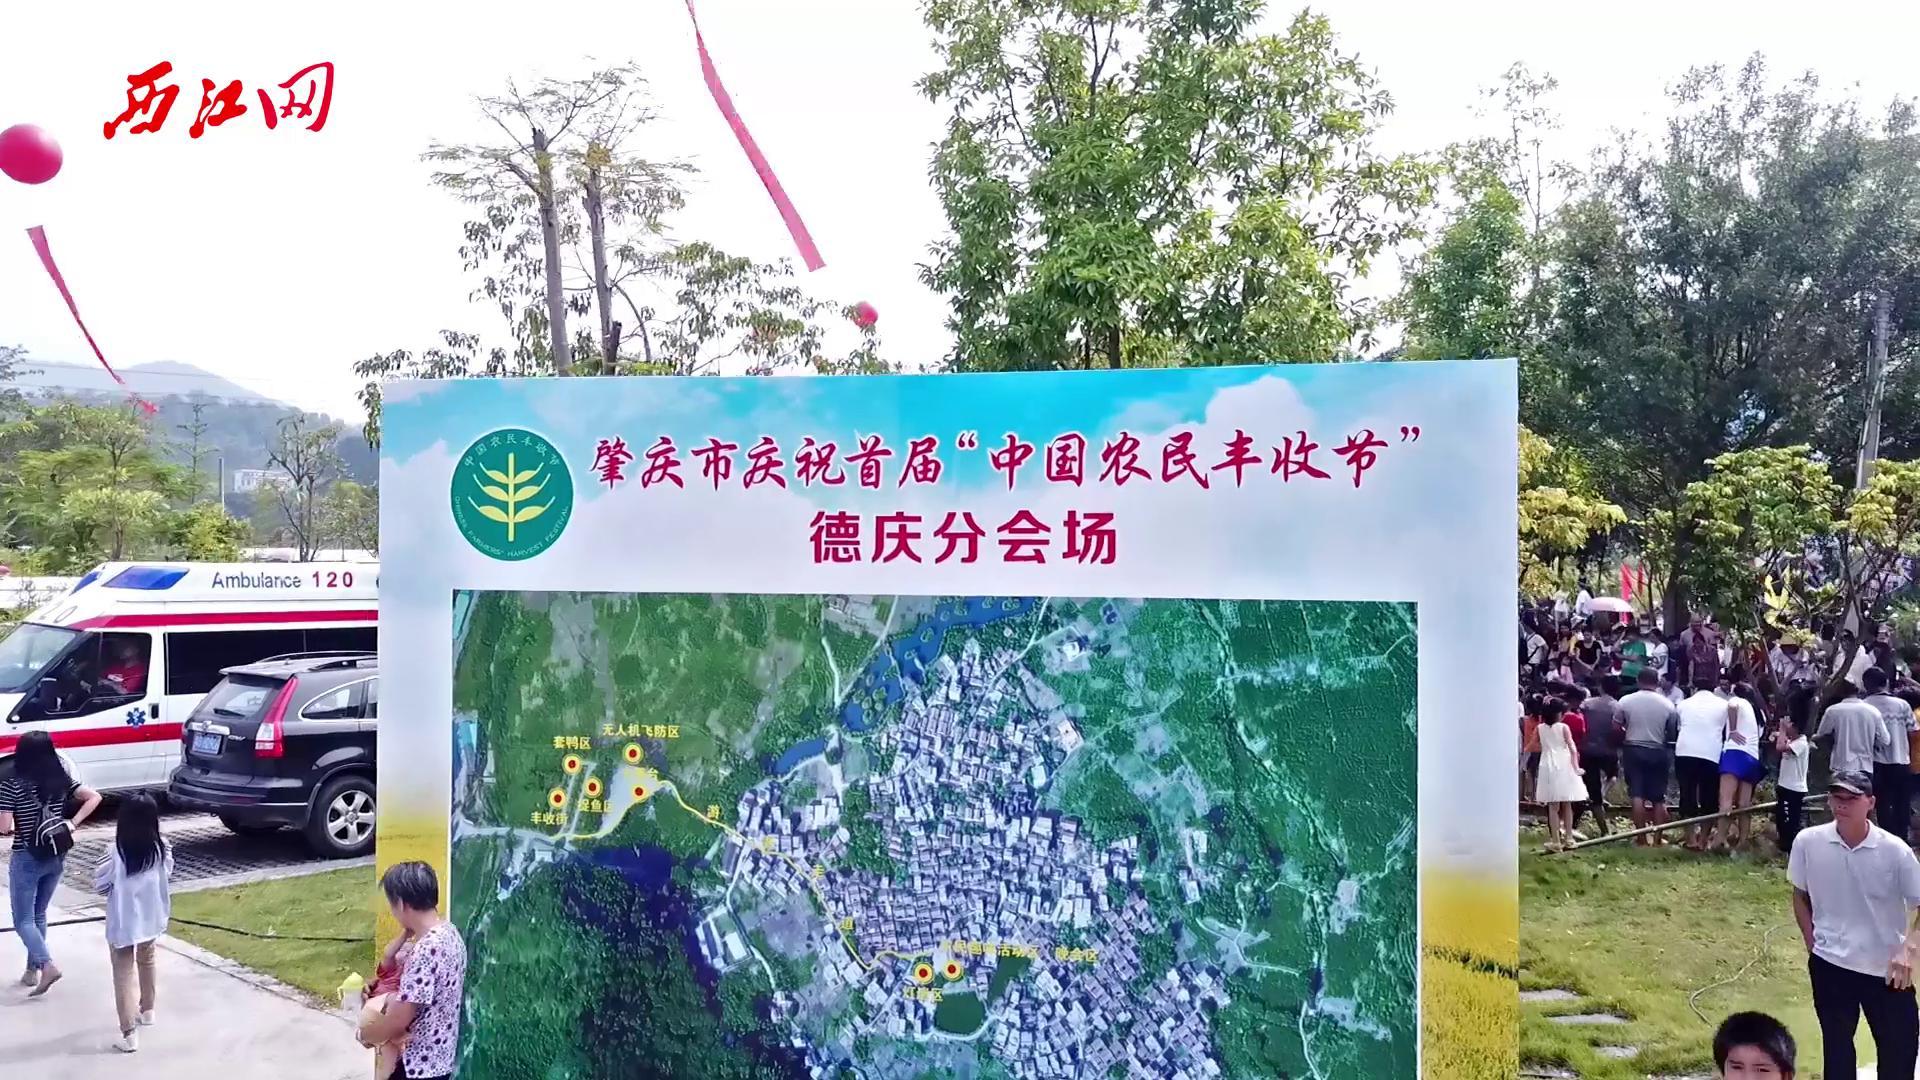 庆祝首届中国农民丰收节 德庆分会场航拍